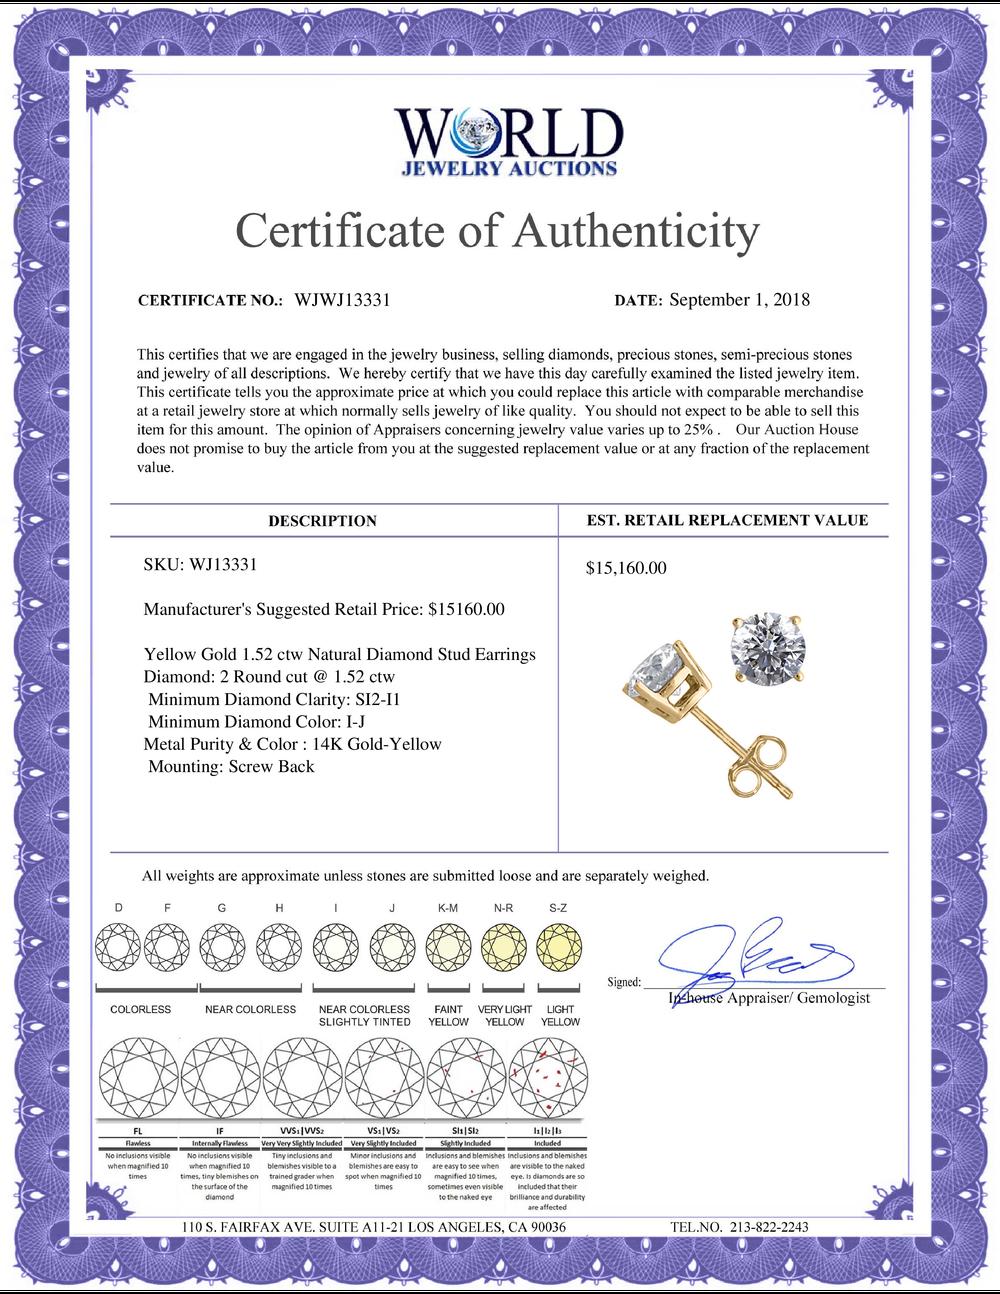 Lot 3087: 14K Yellow Gold 1.52 ctw Natural Diamond Stud Earrings - REF-394V9G-WJ13331